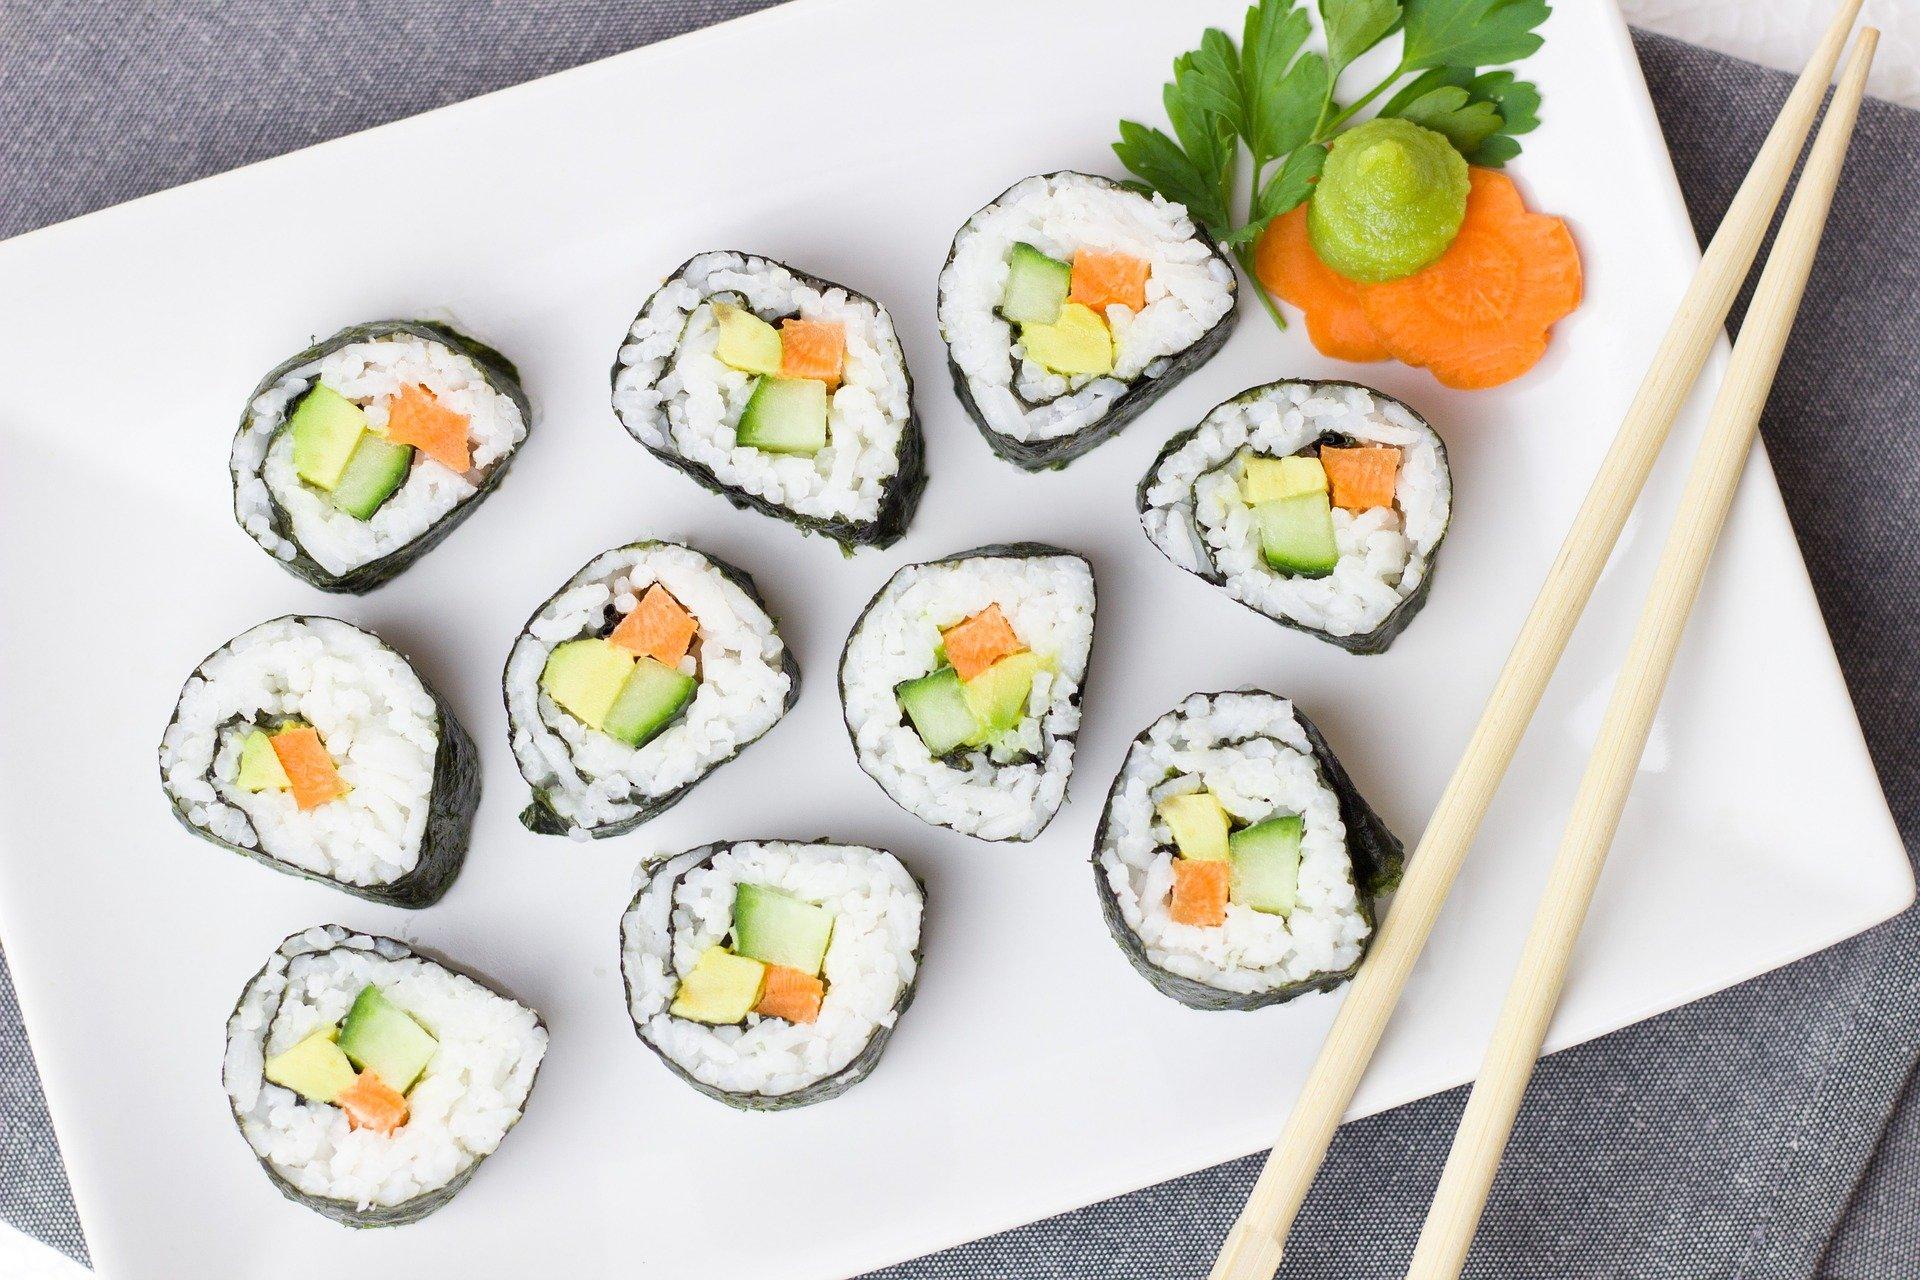 Ihr Restaurant am Nürburgring mit Sushi im Lieferservice und Lieferdienst.